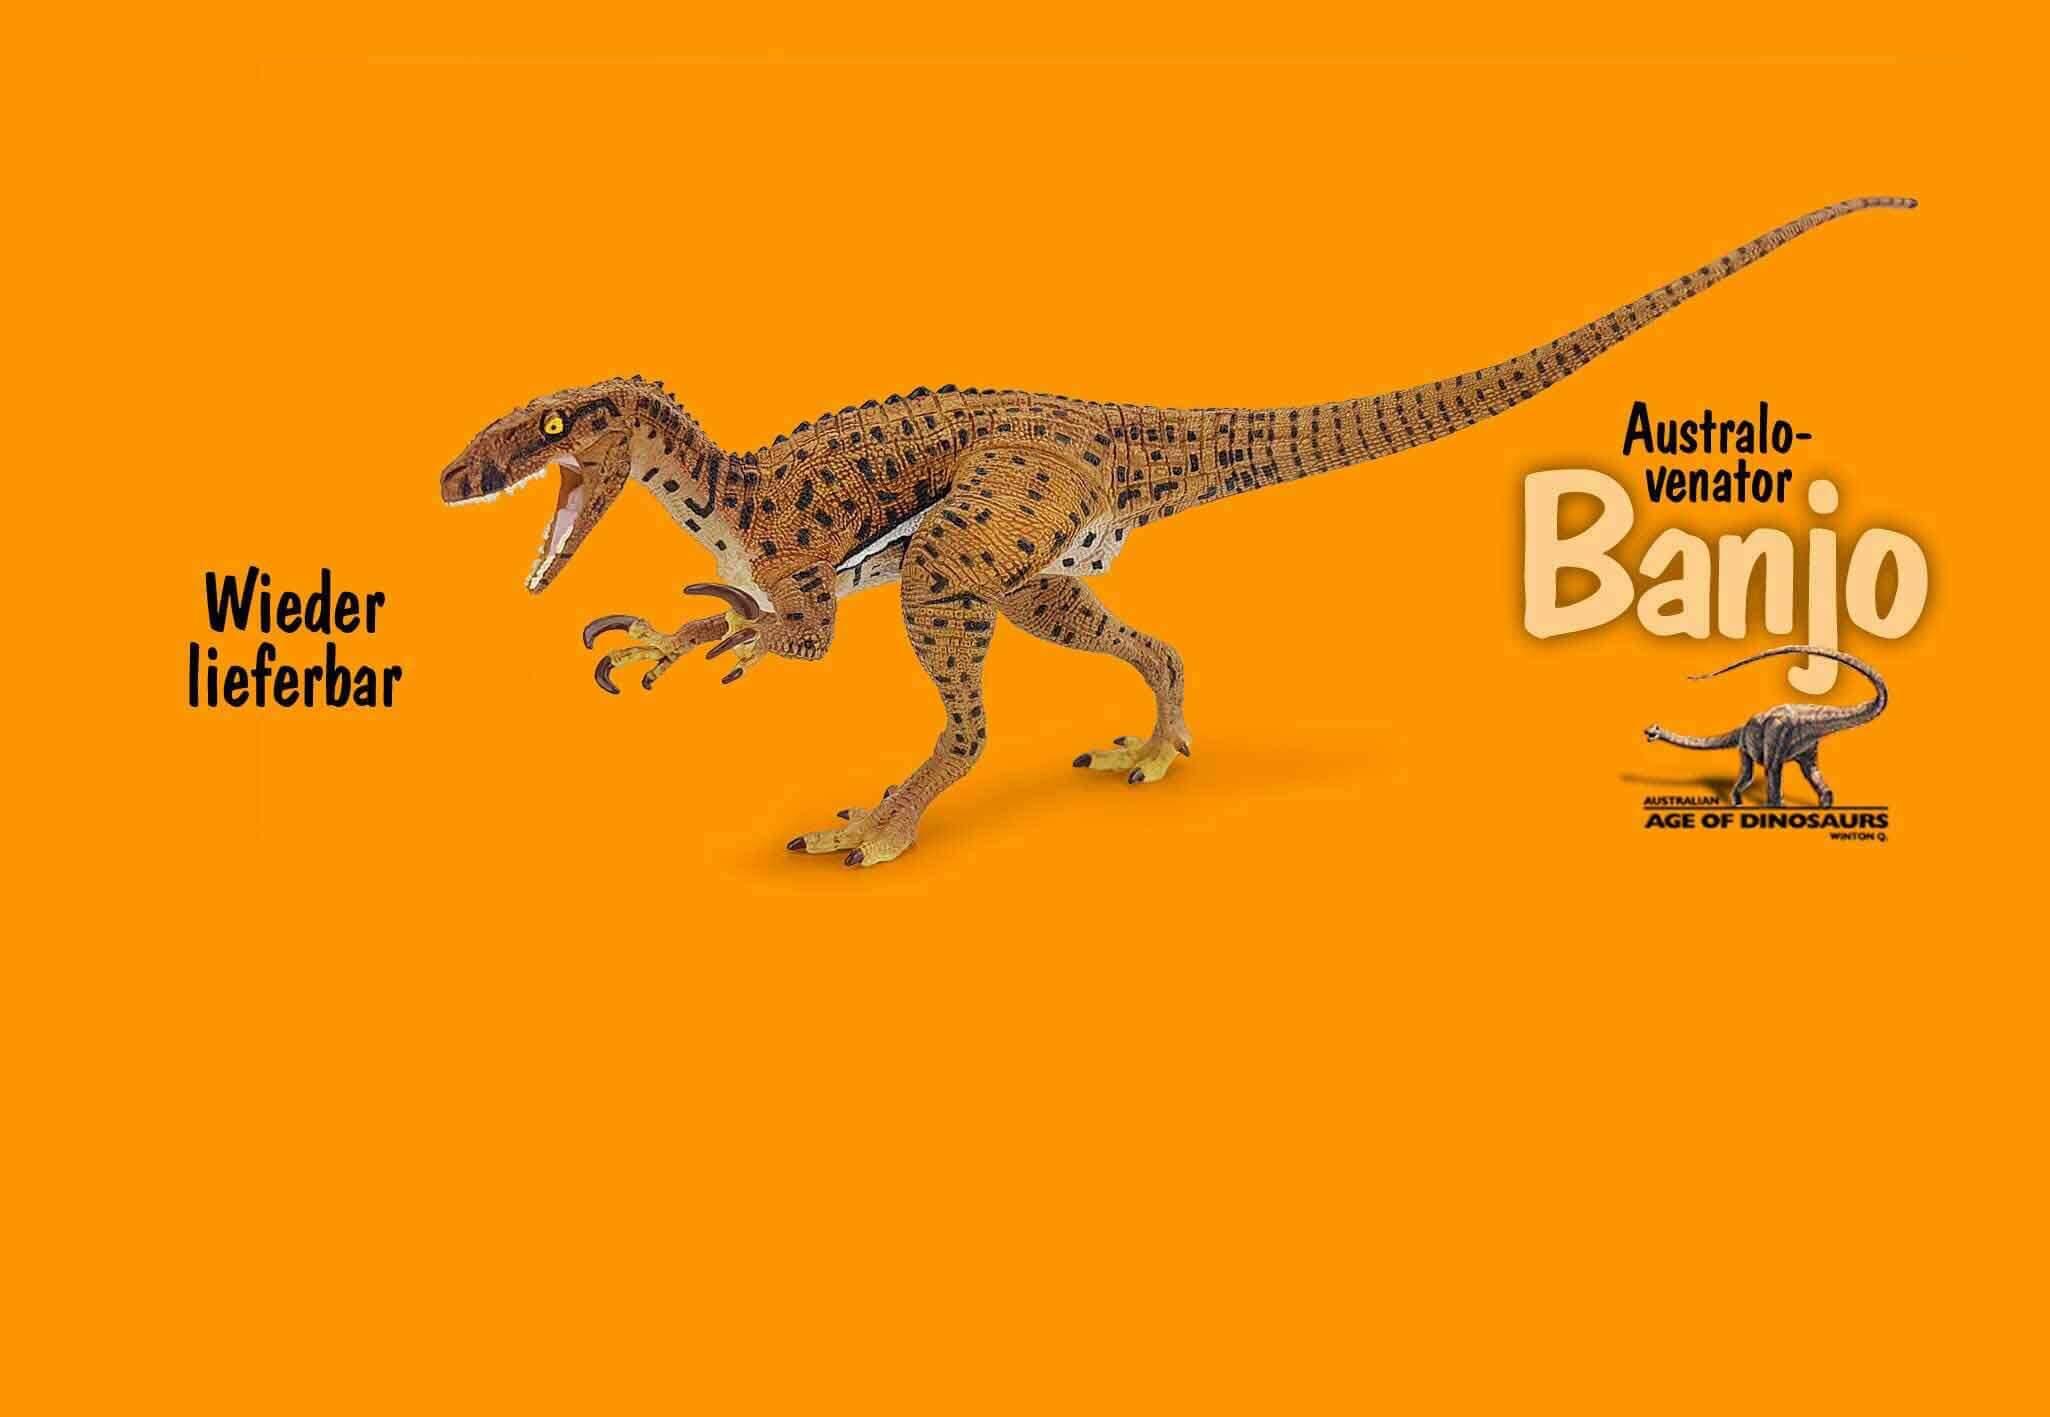 Banjo der Australovenator